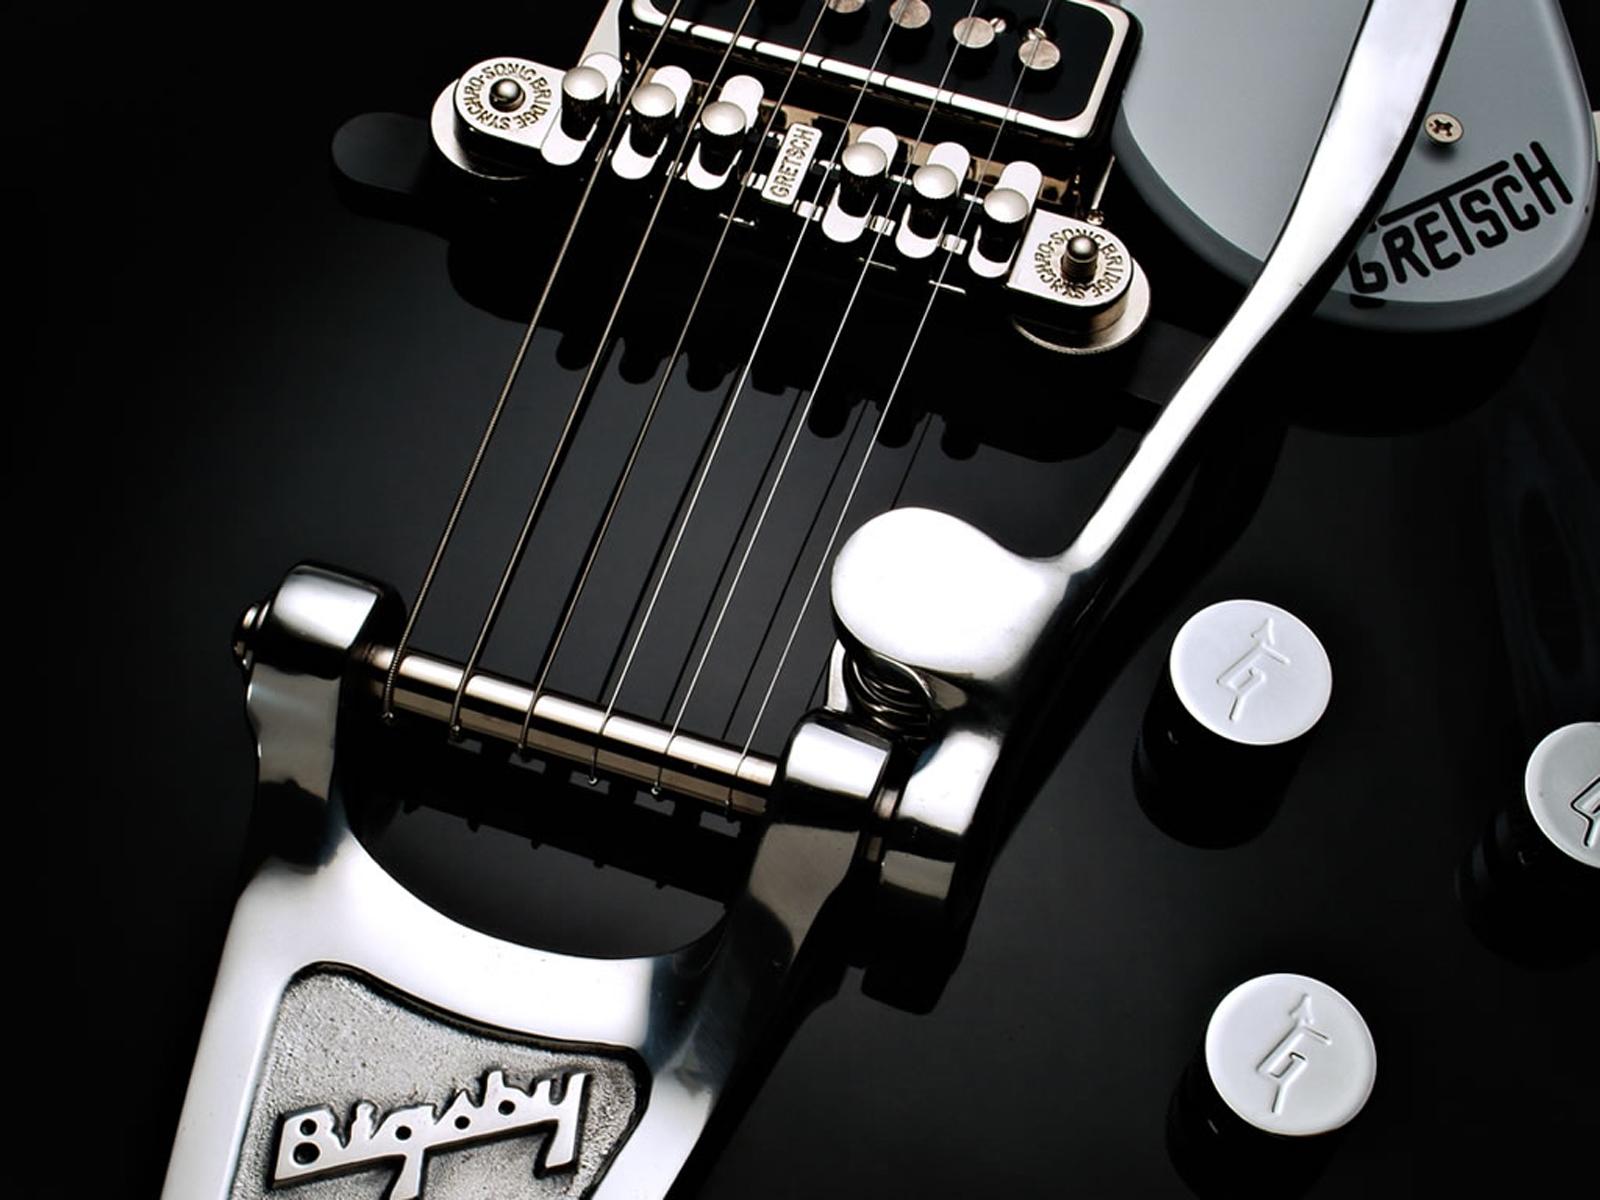 hd guitar wallpaper wallpapersafari